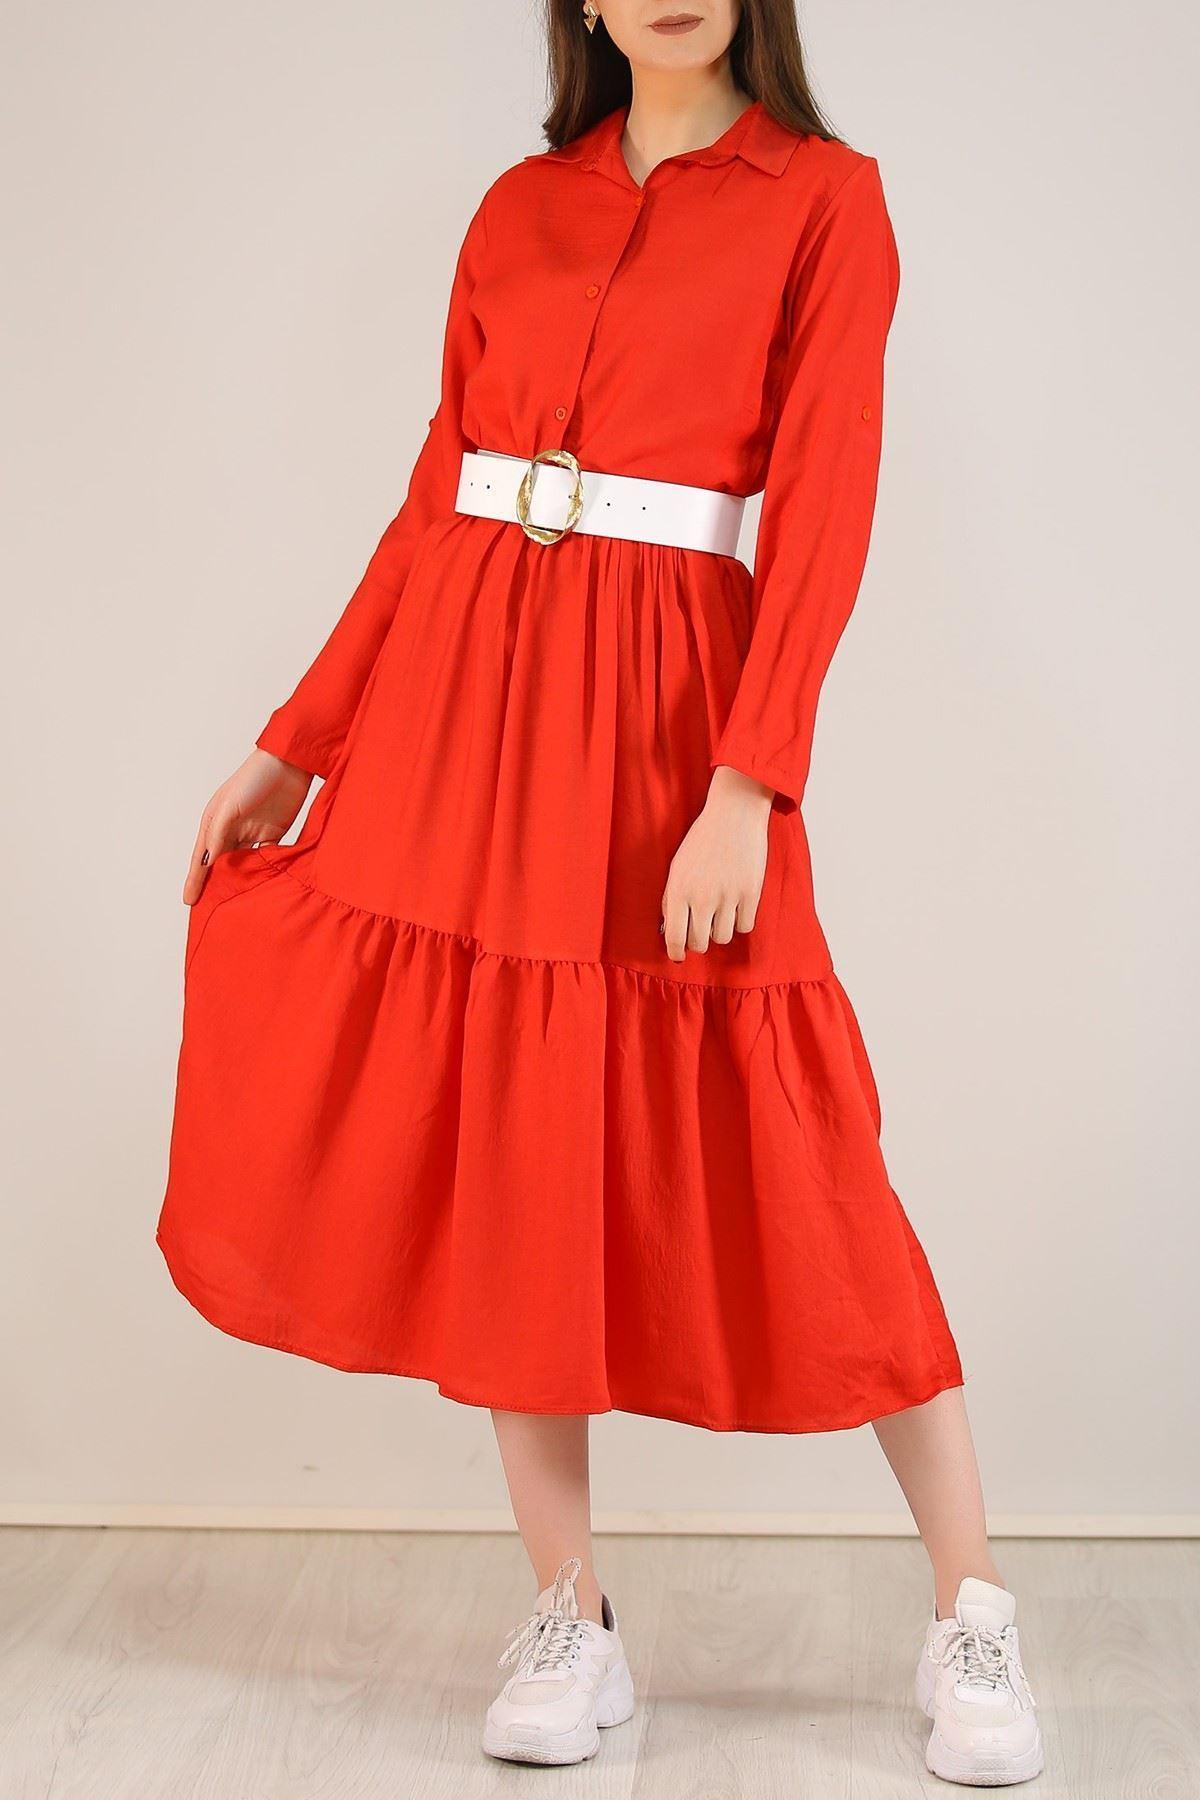 Katlama Kol Elbise Kırmızı - 4807.701.